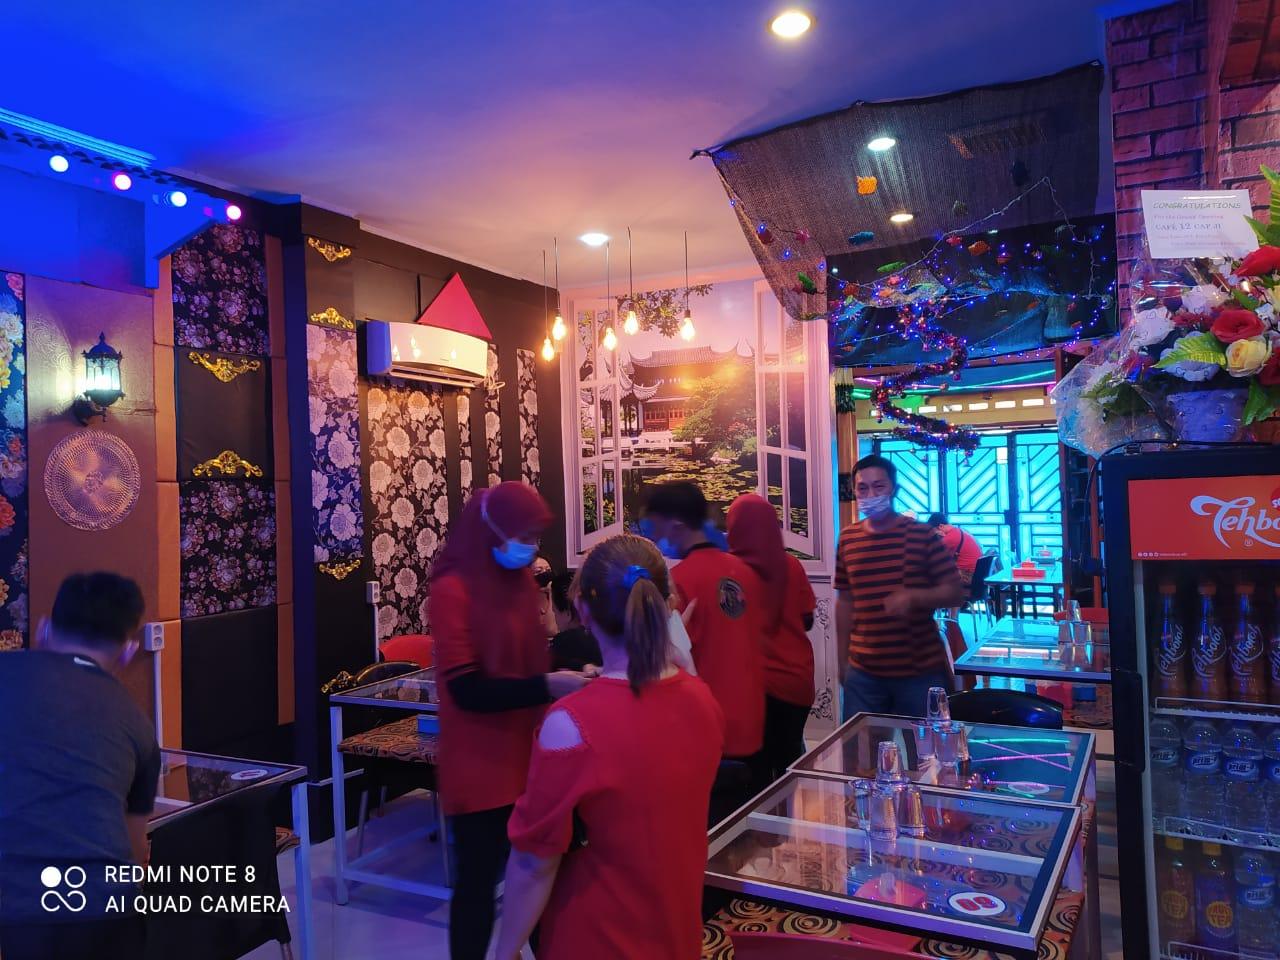 Pelanggan saat menikmati makanan di Cafe 12 Cap Ji, di Jalan Siringo-ringo, Rantauprapat.